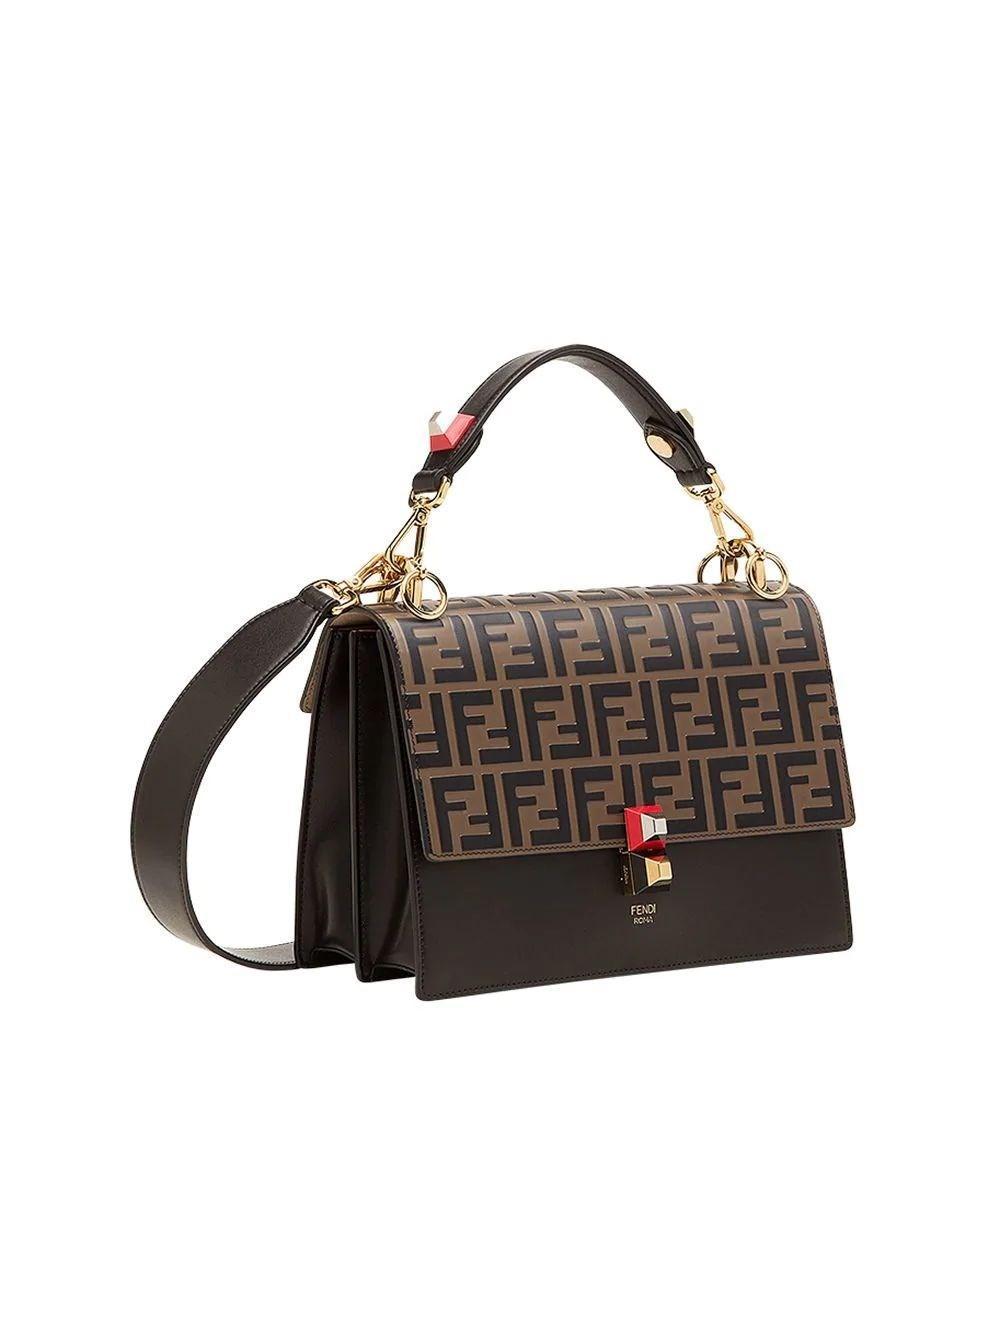 e34f2af8cab4 Fendi - Women s 8bt283a5tyf13wb Brown Leather Handbag - Lyst. View  fullscreen